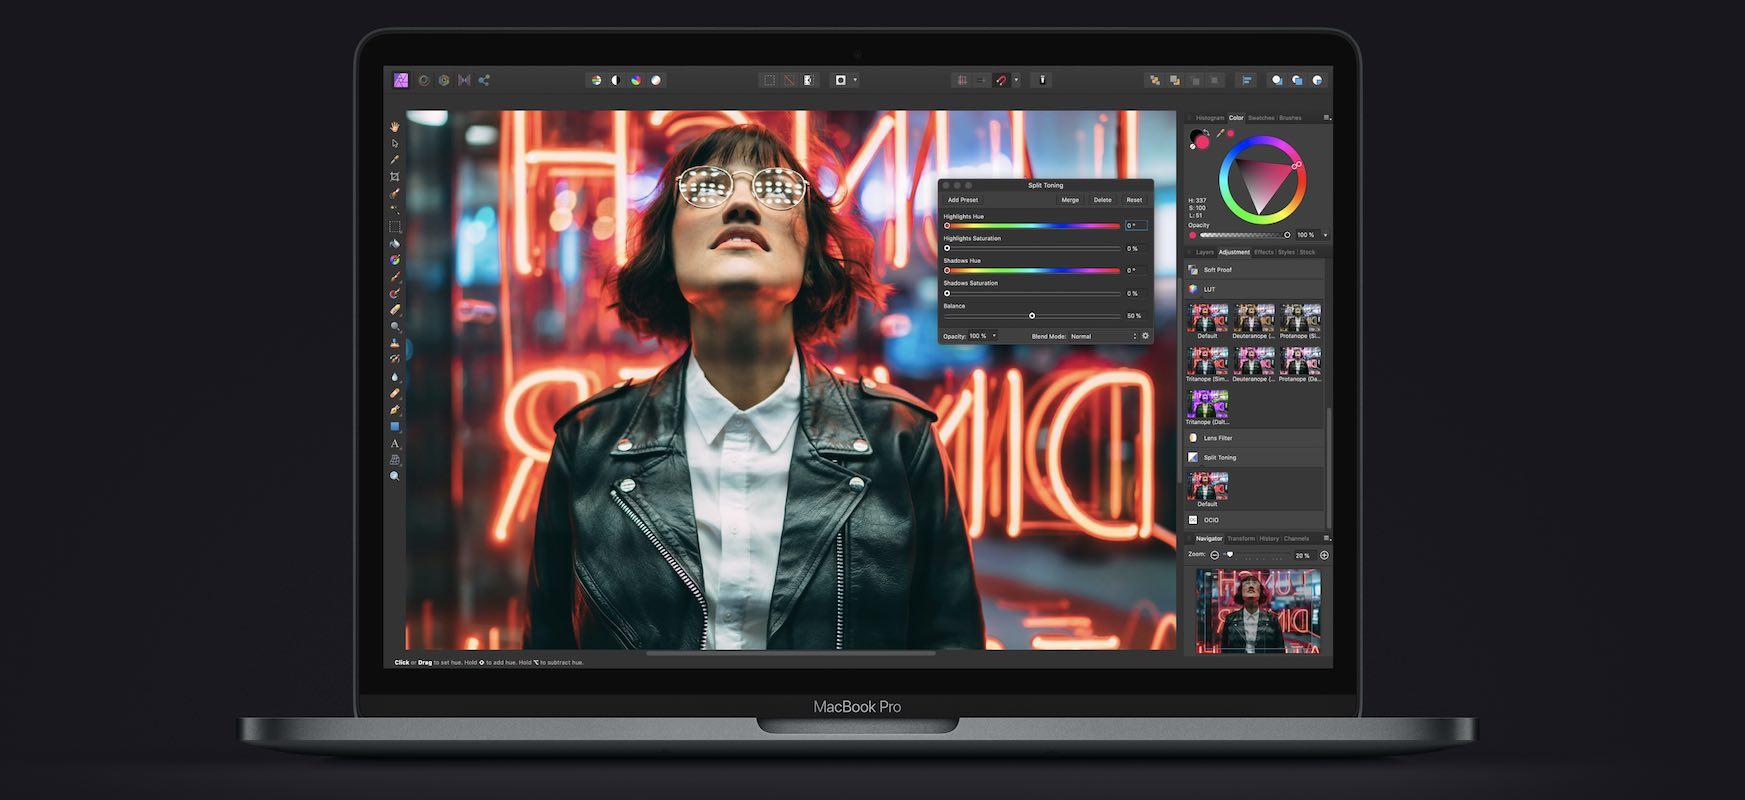 Dendan Appleoporretan: mila zlotiko ordenagailu batek lan egiteko teklatua du.  Hemen duzu MacBook Pro 13 (2020)